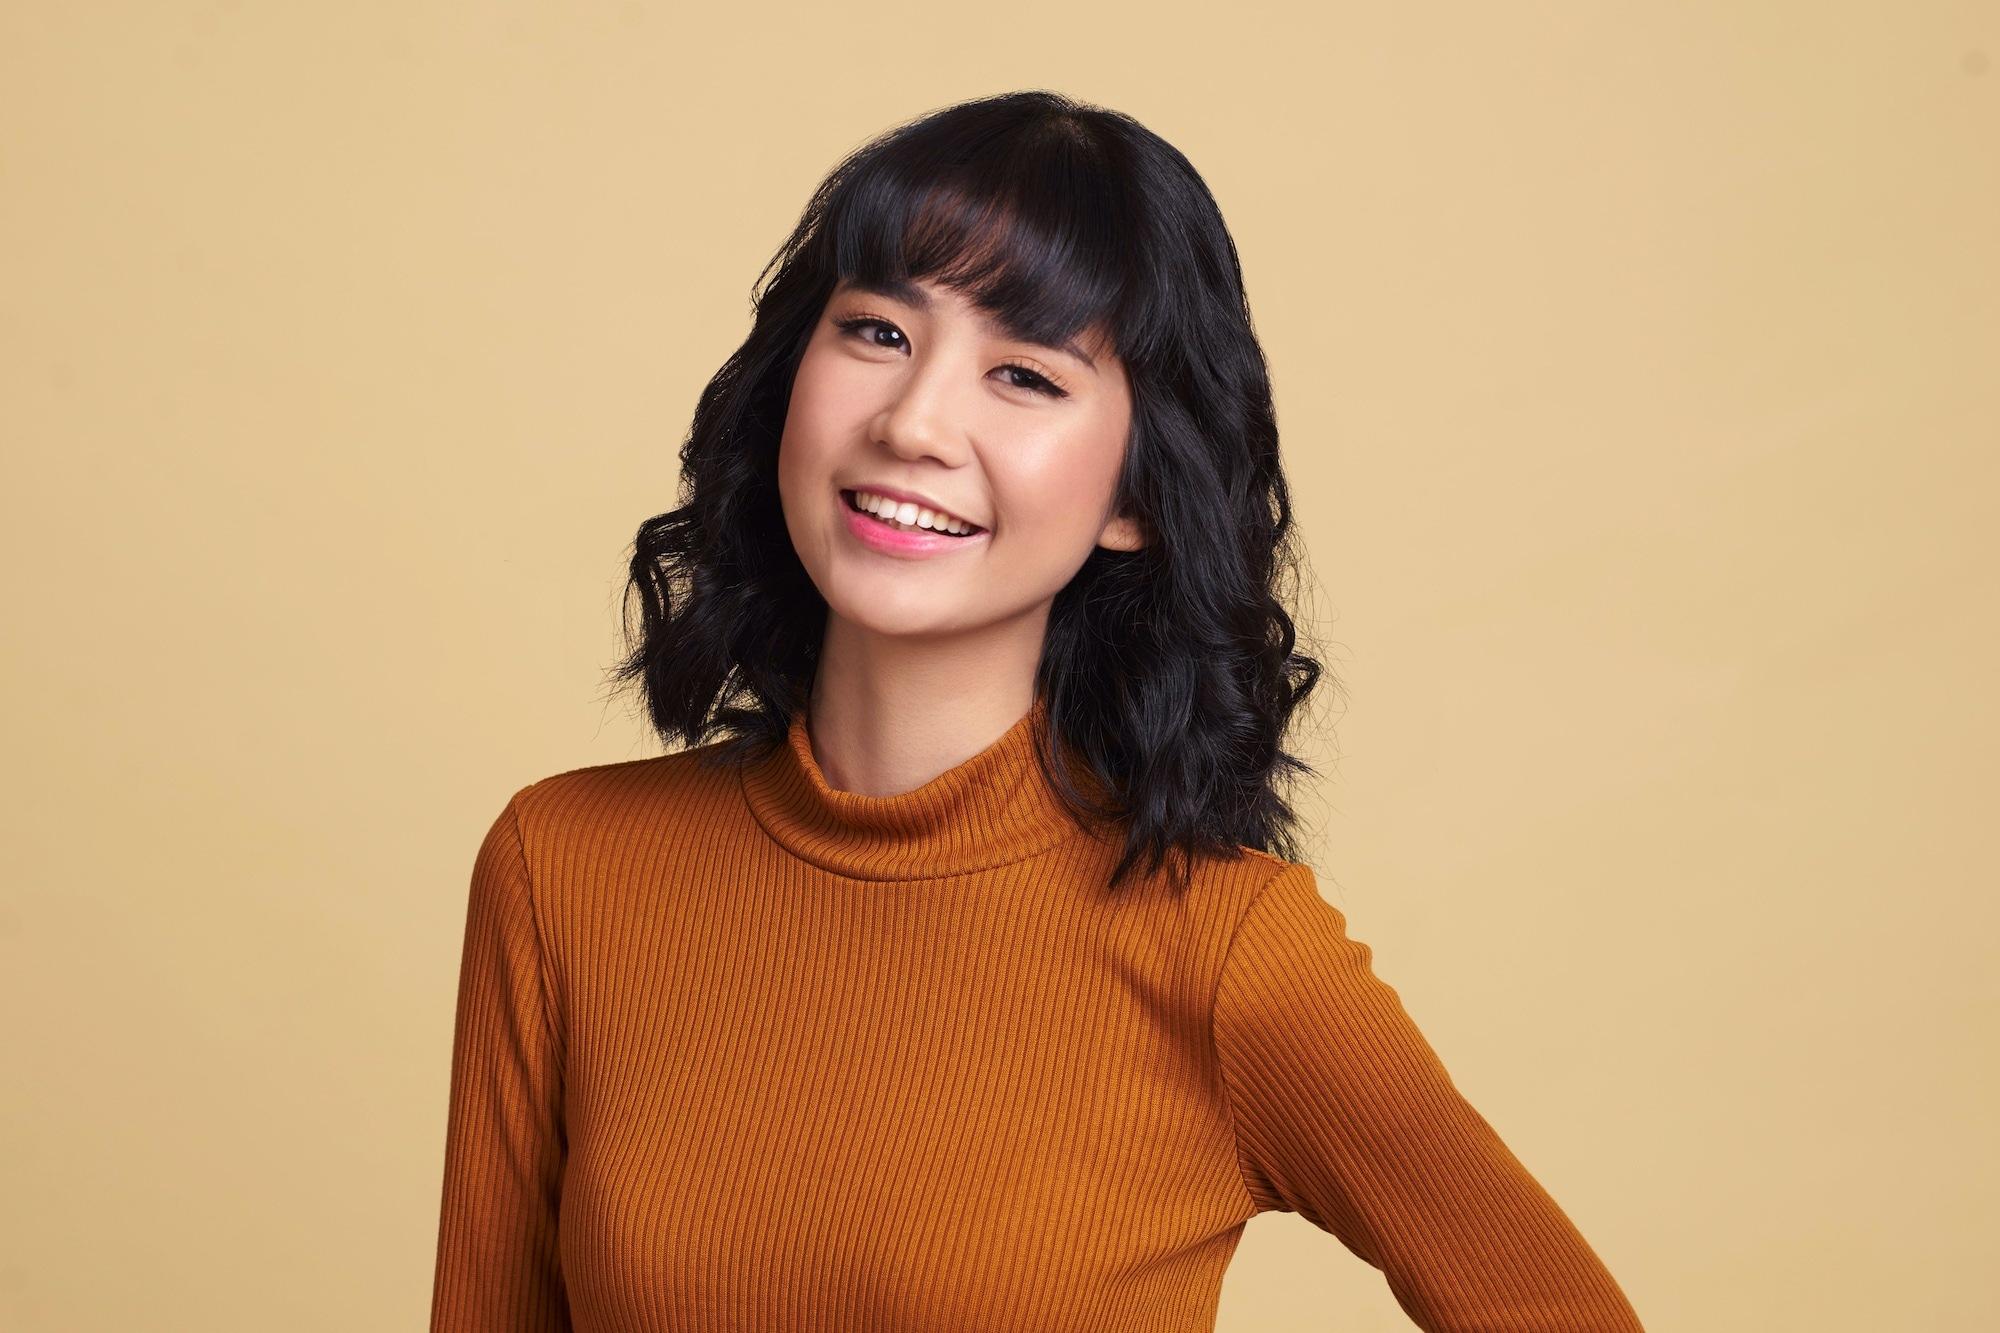 wanita asia dengan model rambut bob untuk wajah bulat dengan warna rambut cokelat